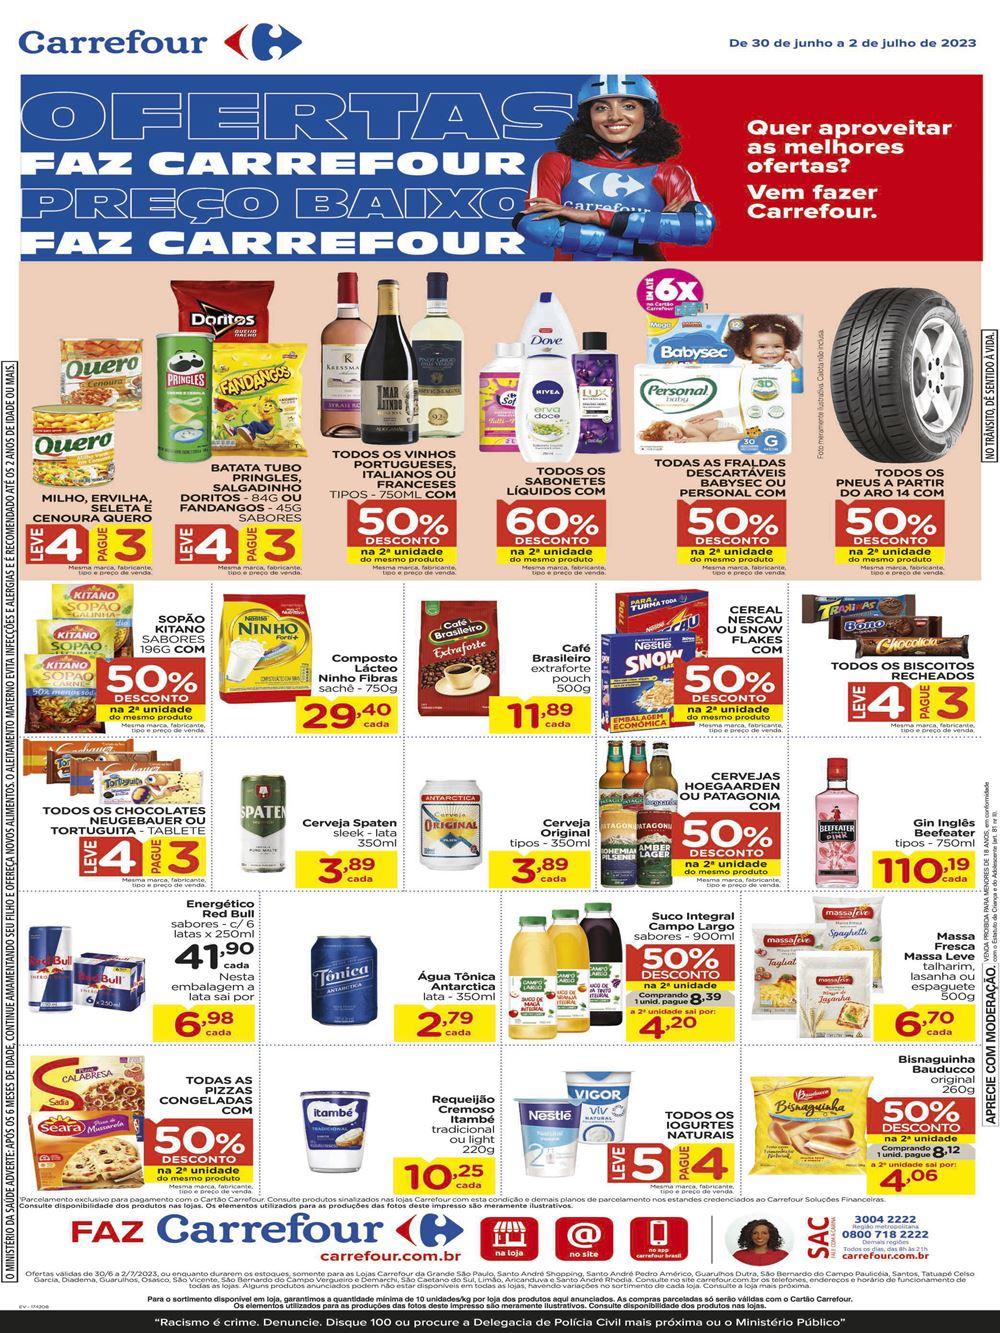 carrefour-ofertas-descontos-hoje1-11 Carrefour até 19/05